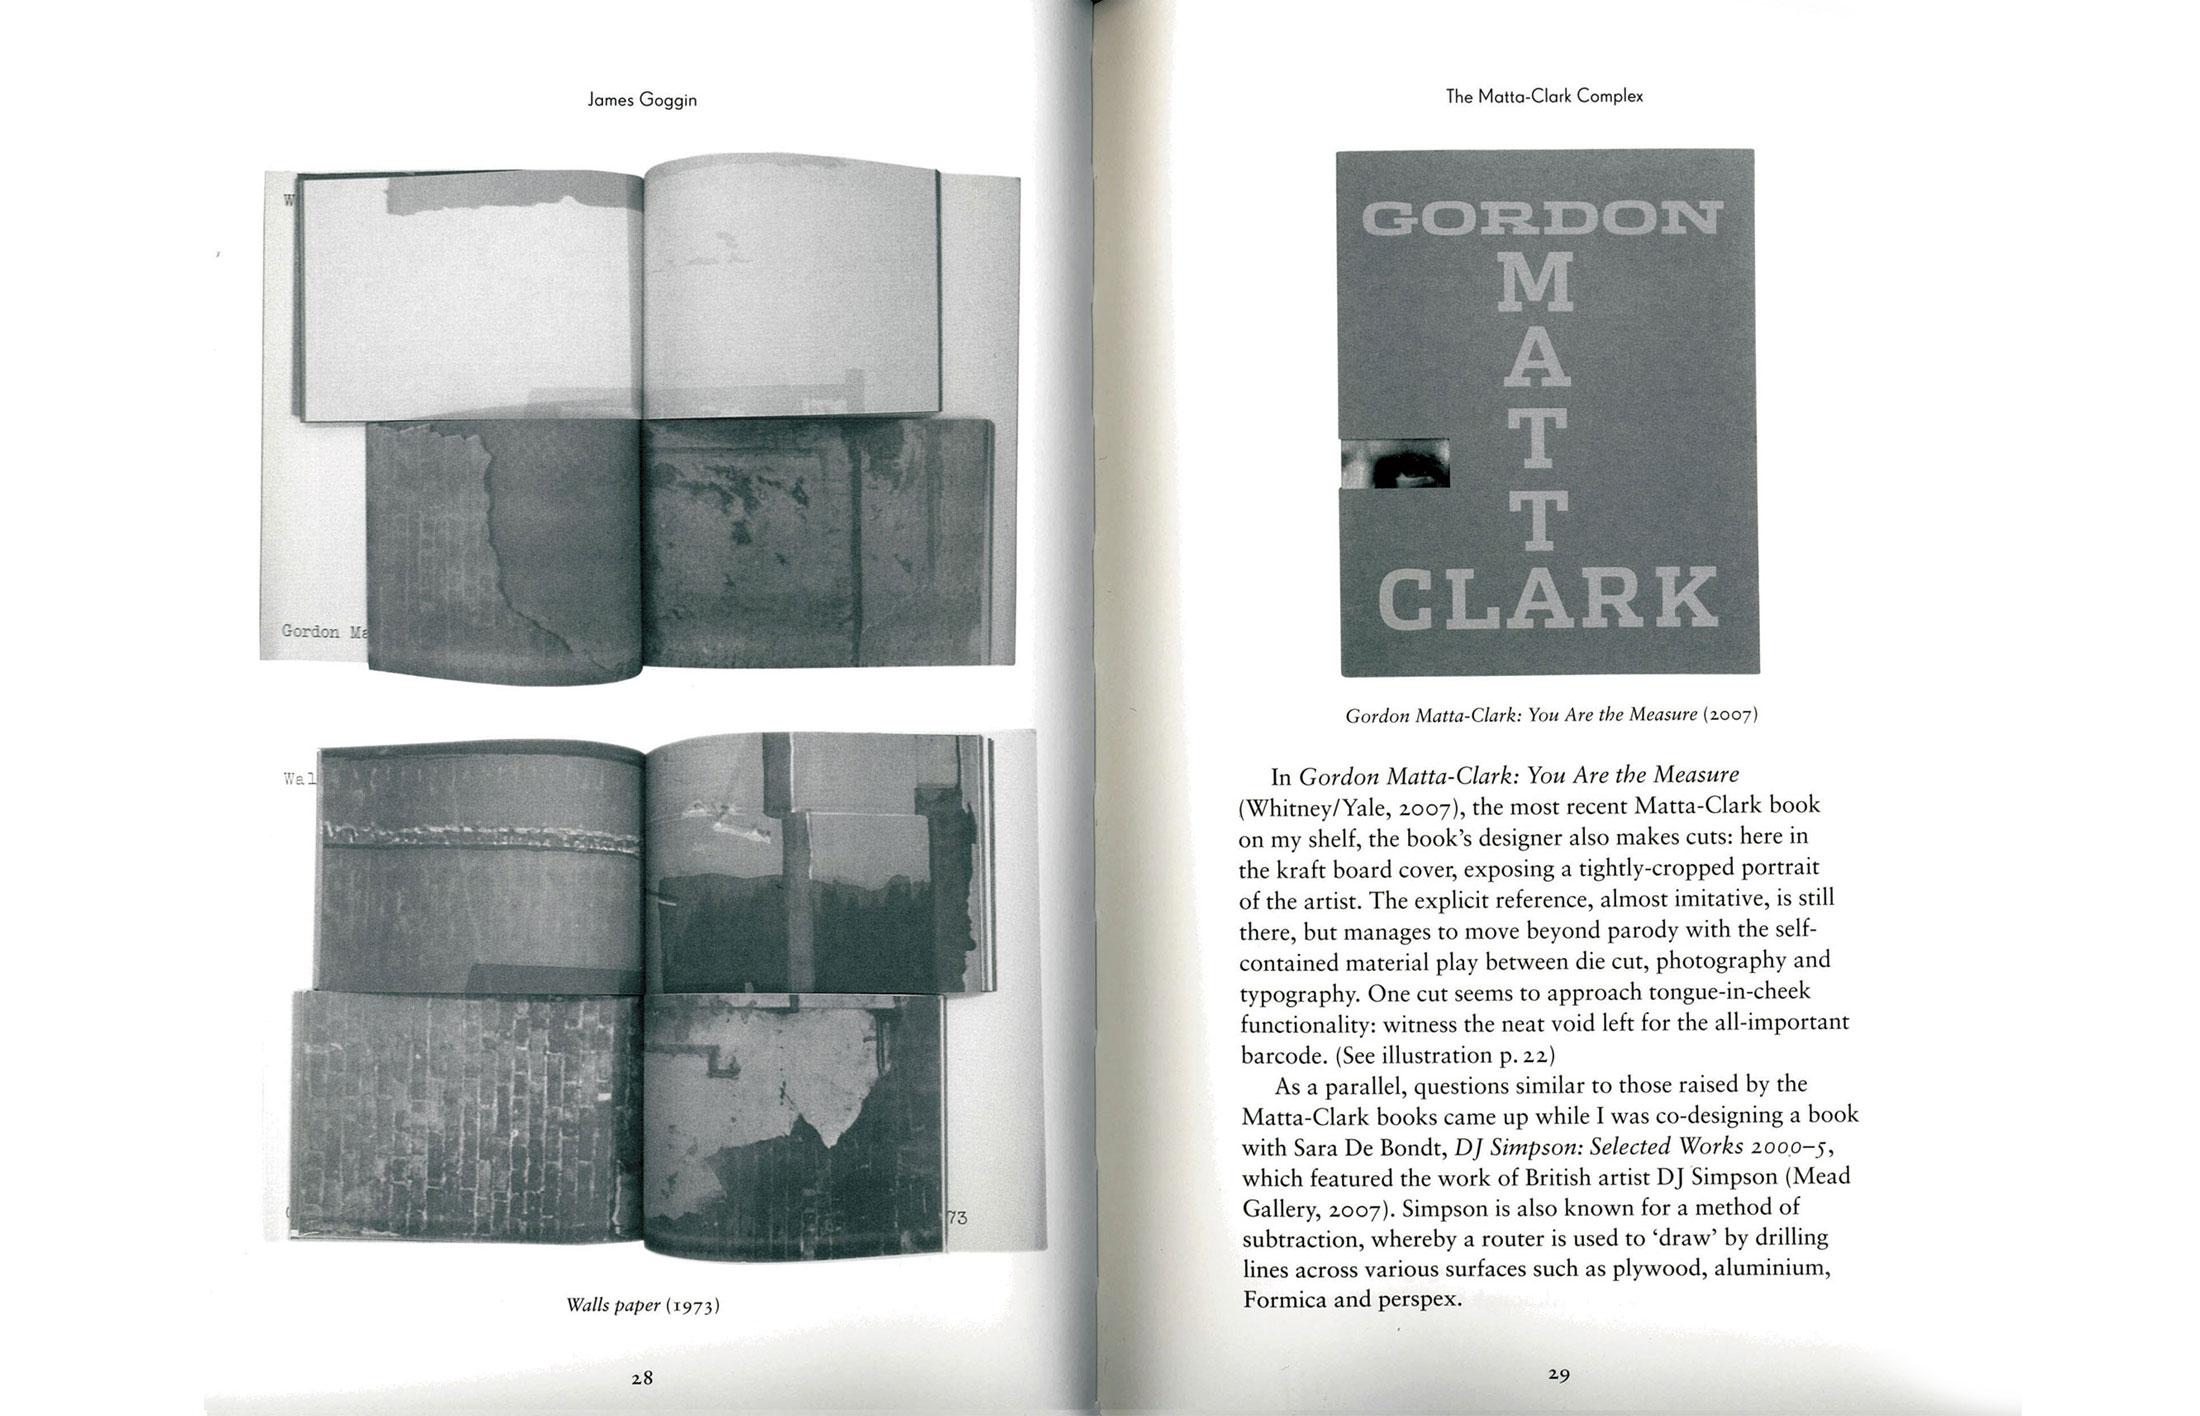 The-Matta-Clark-Complex-Materials-Interpretation-and-the-Designer-essai-James-Goggin-The-Form-of-the-Book-Book-4